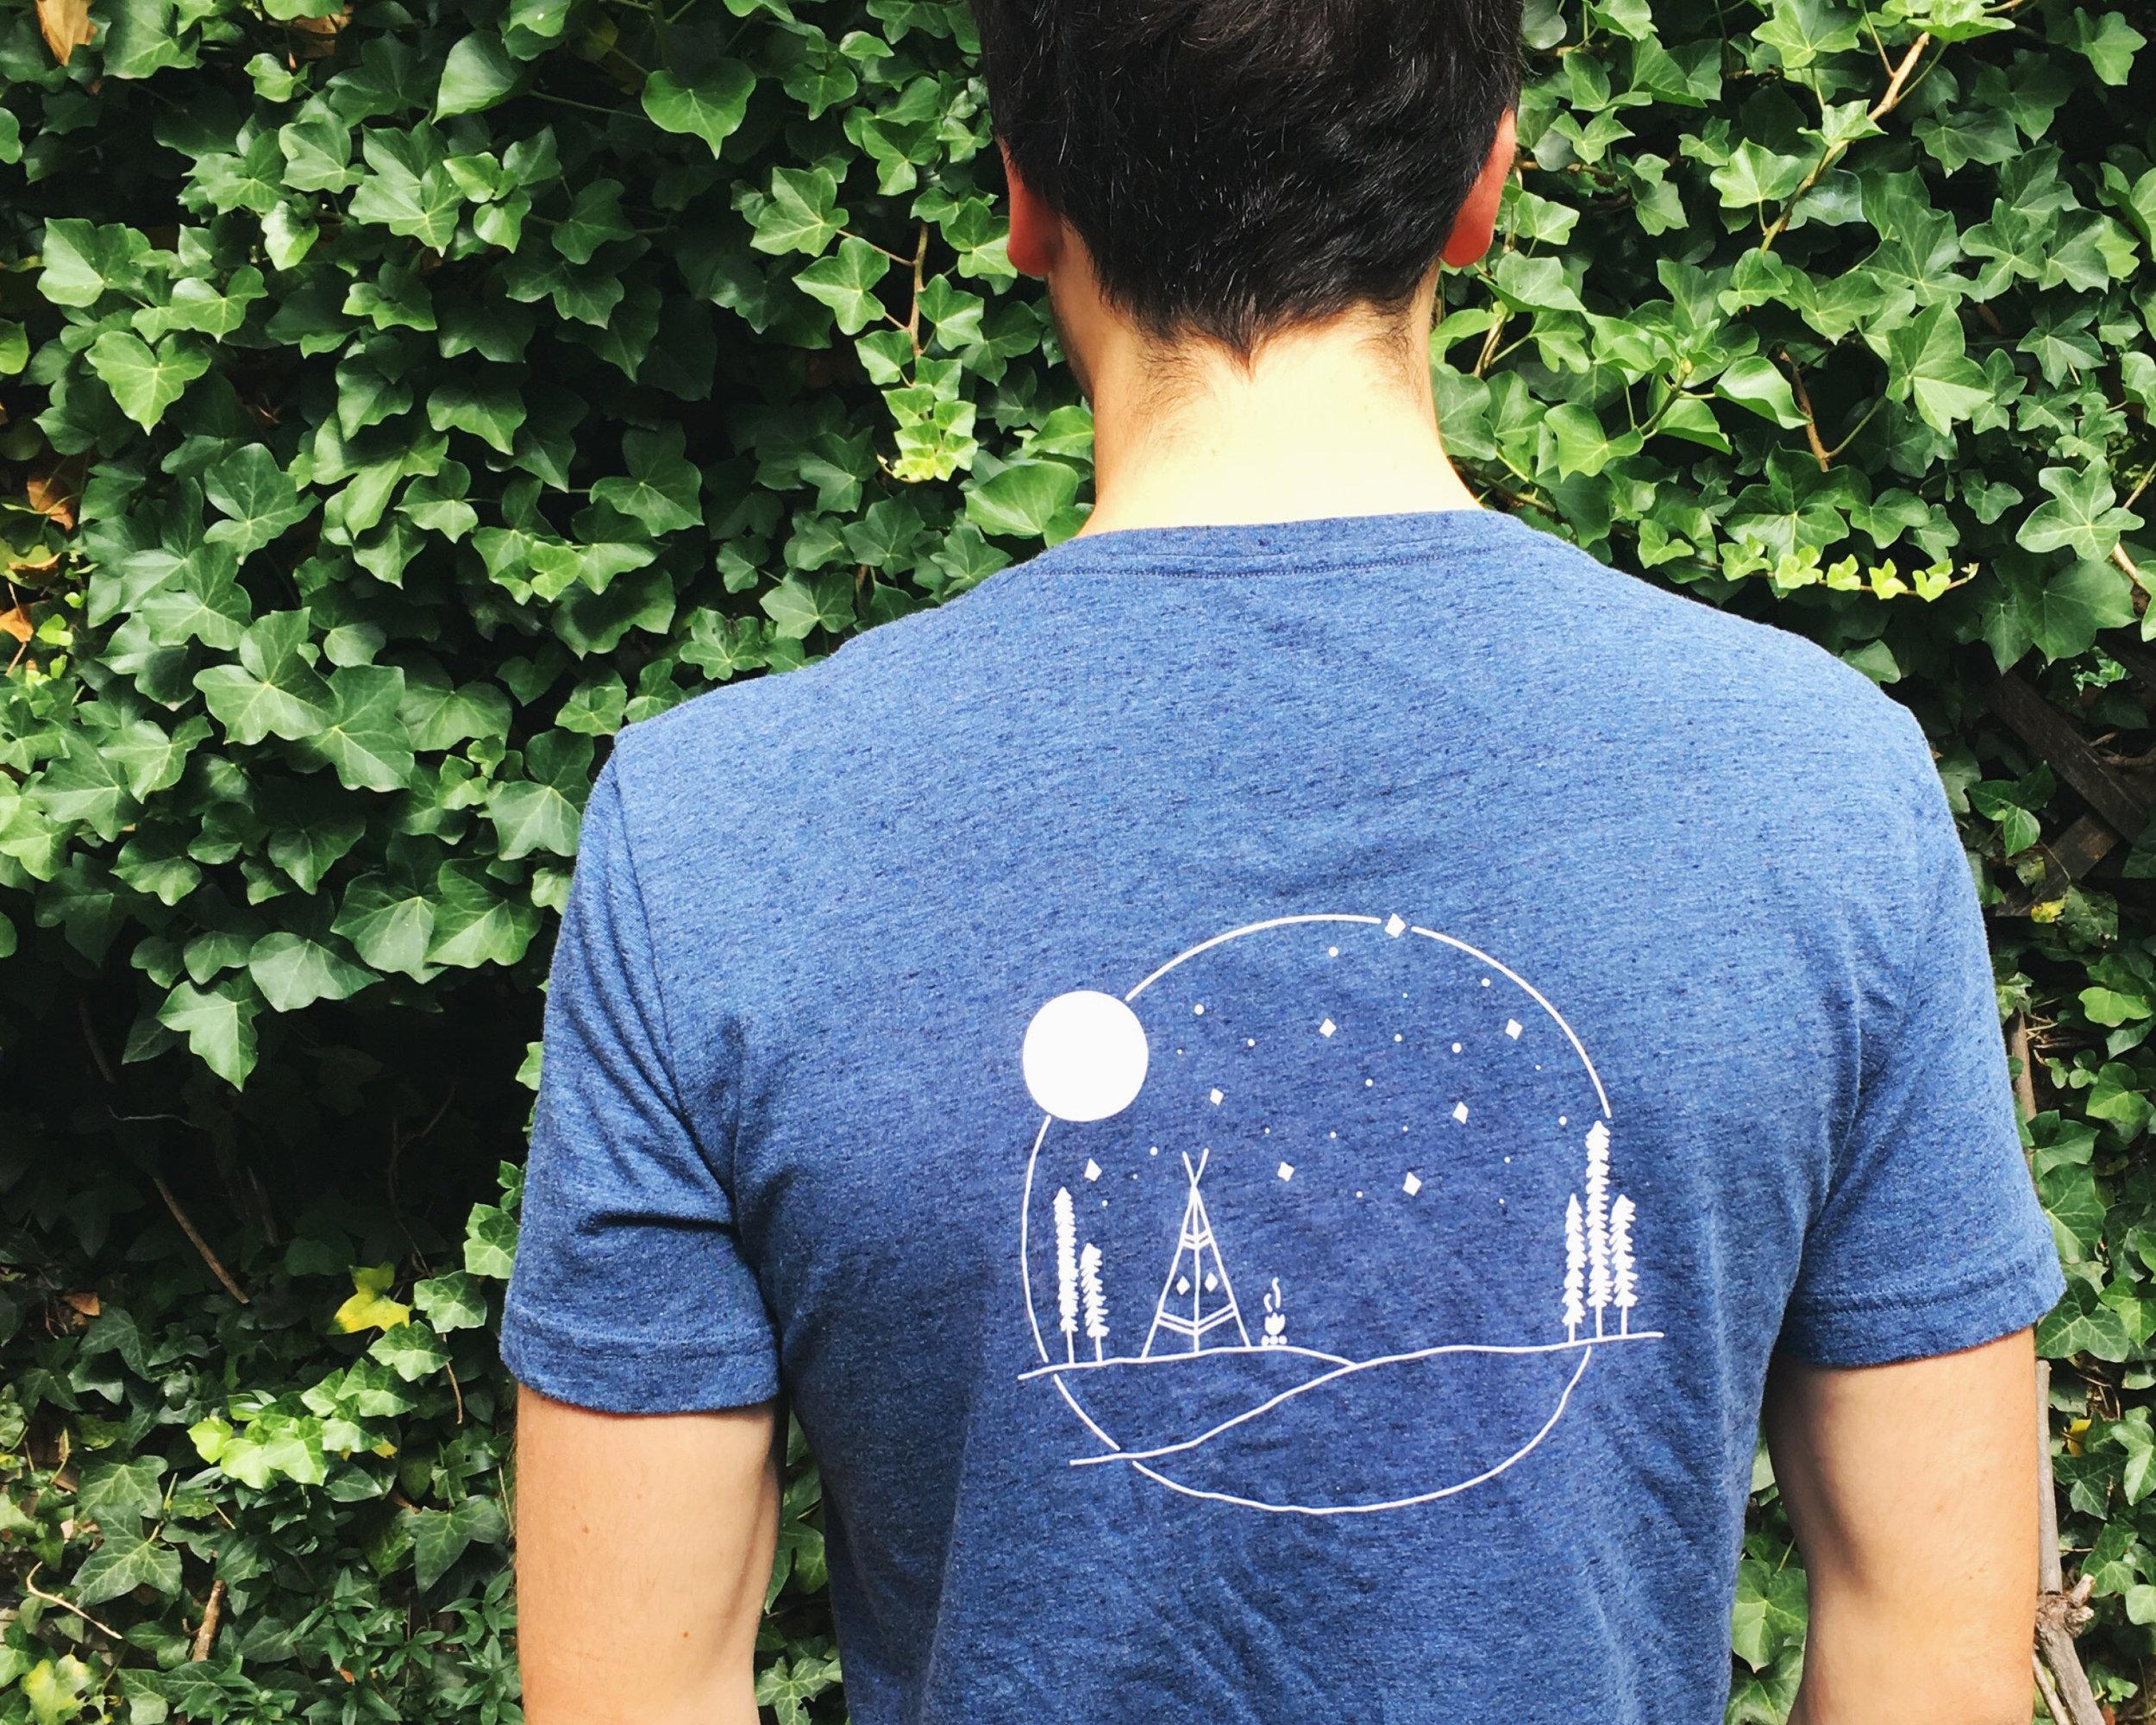 Back design on a T-shirt